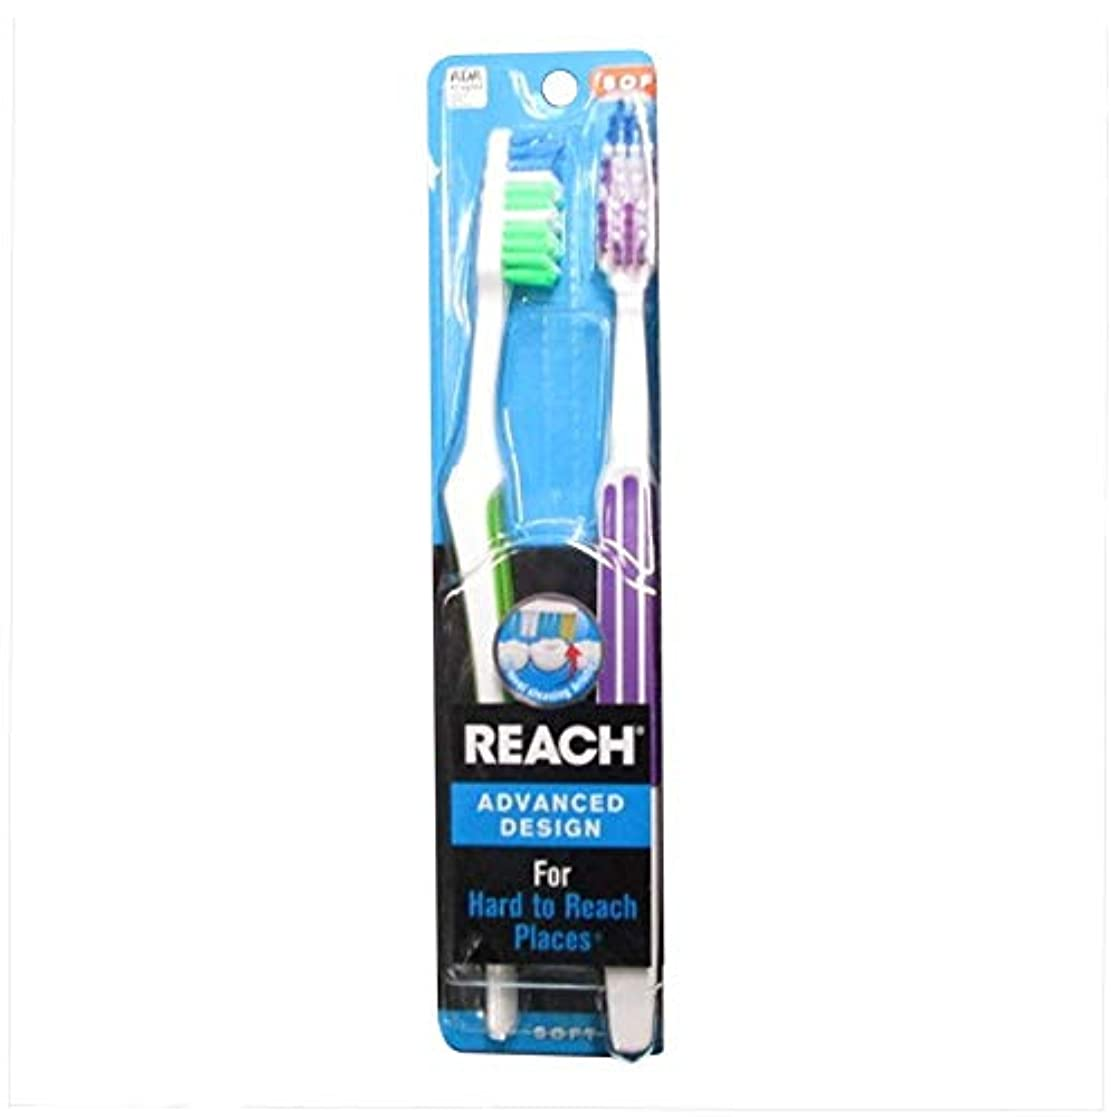 取り除くハイブリッド効能あるReach 高度なデザイン完全な頭部柔らかい歯ブラシ、盛り合わせ色、2カウント(2パック)合計4歯ブラシ